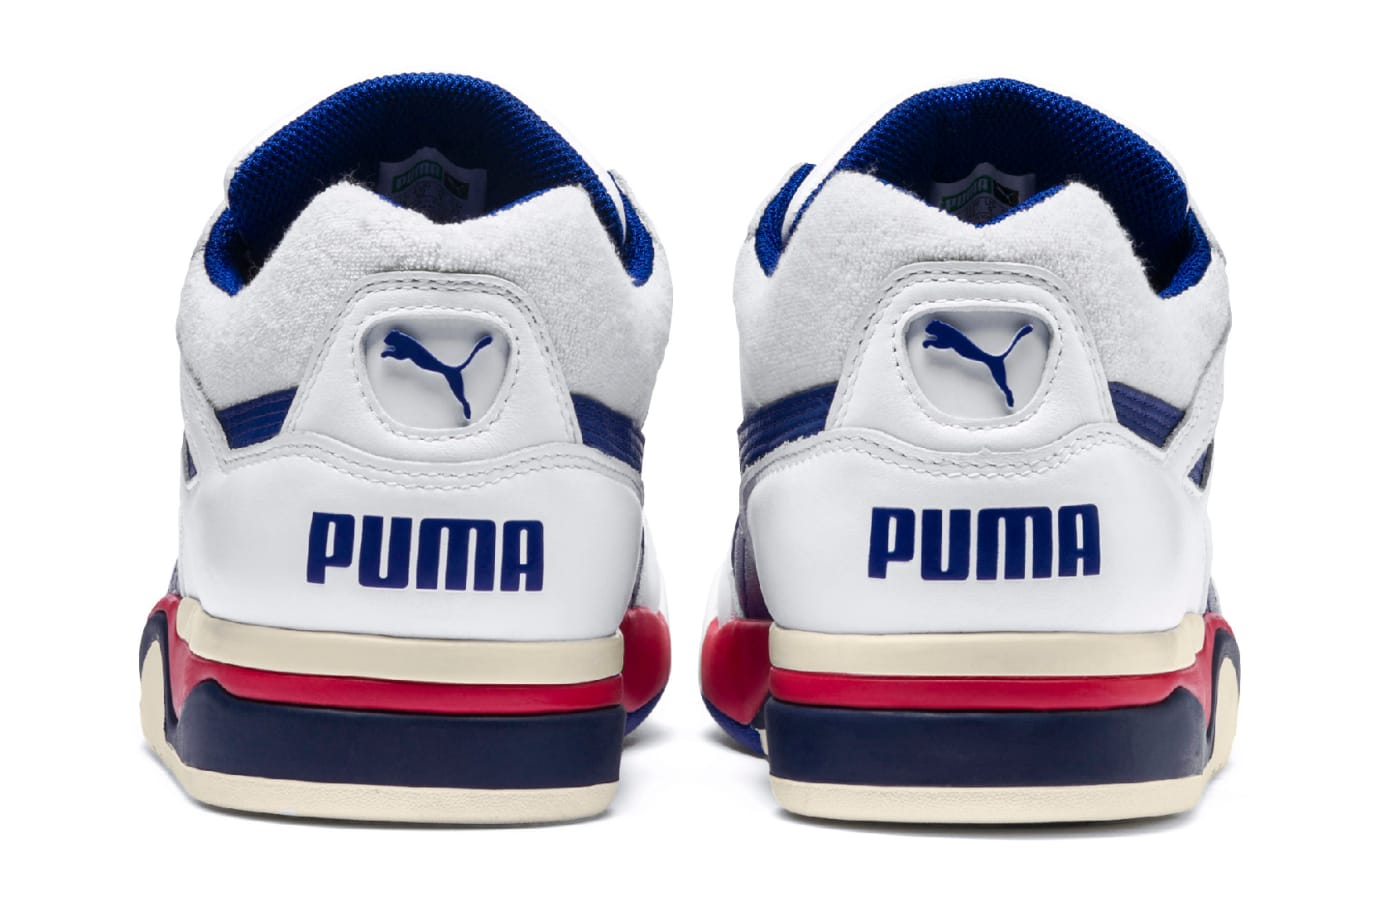 Puma Palace Guard OG 'Puma White/Surf The Web/Red' 369587-01 (Heel)